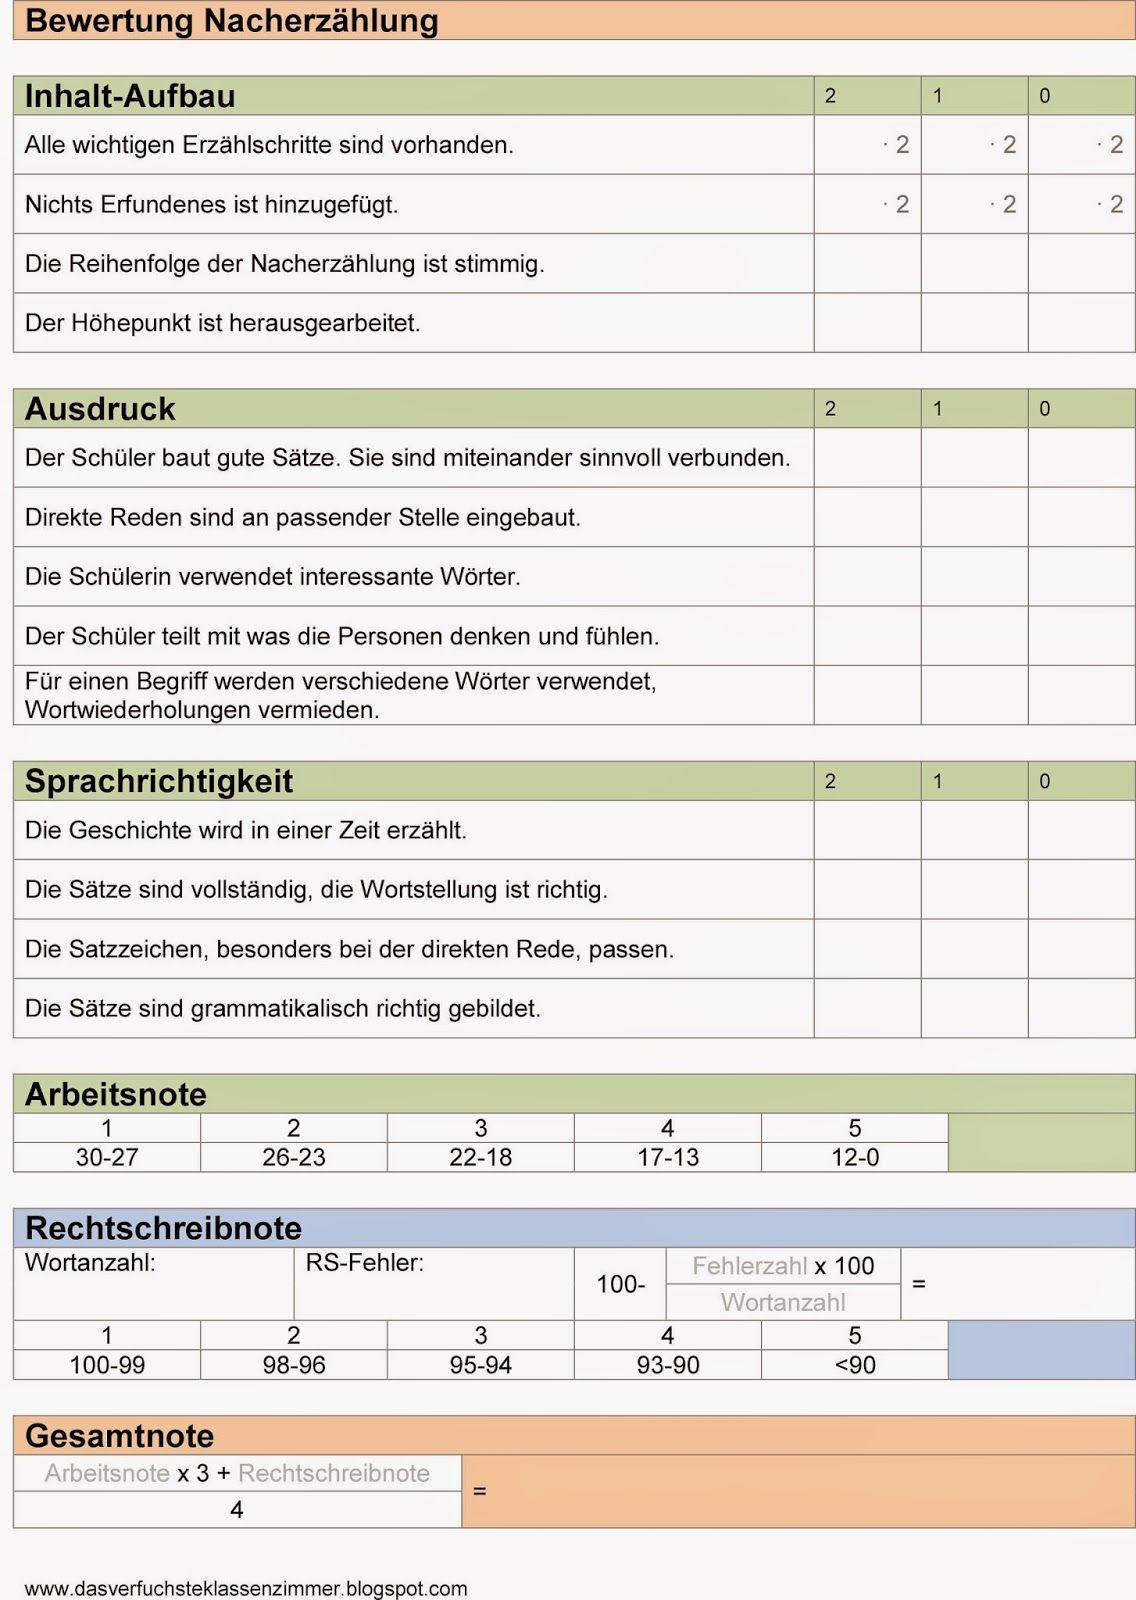 Das Verfuchste Klassenzimmer Bewertungsbogen Nacherzählung